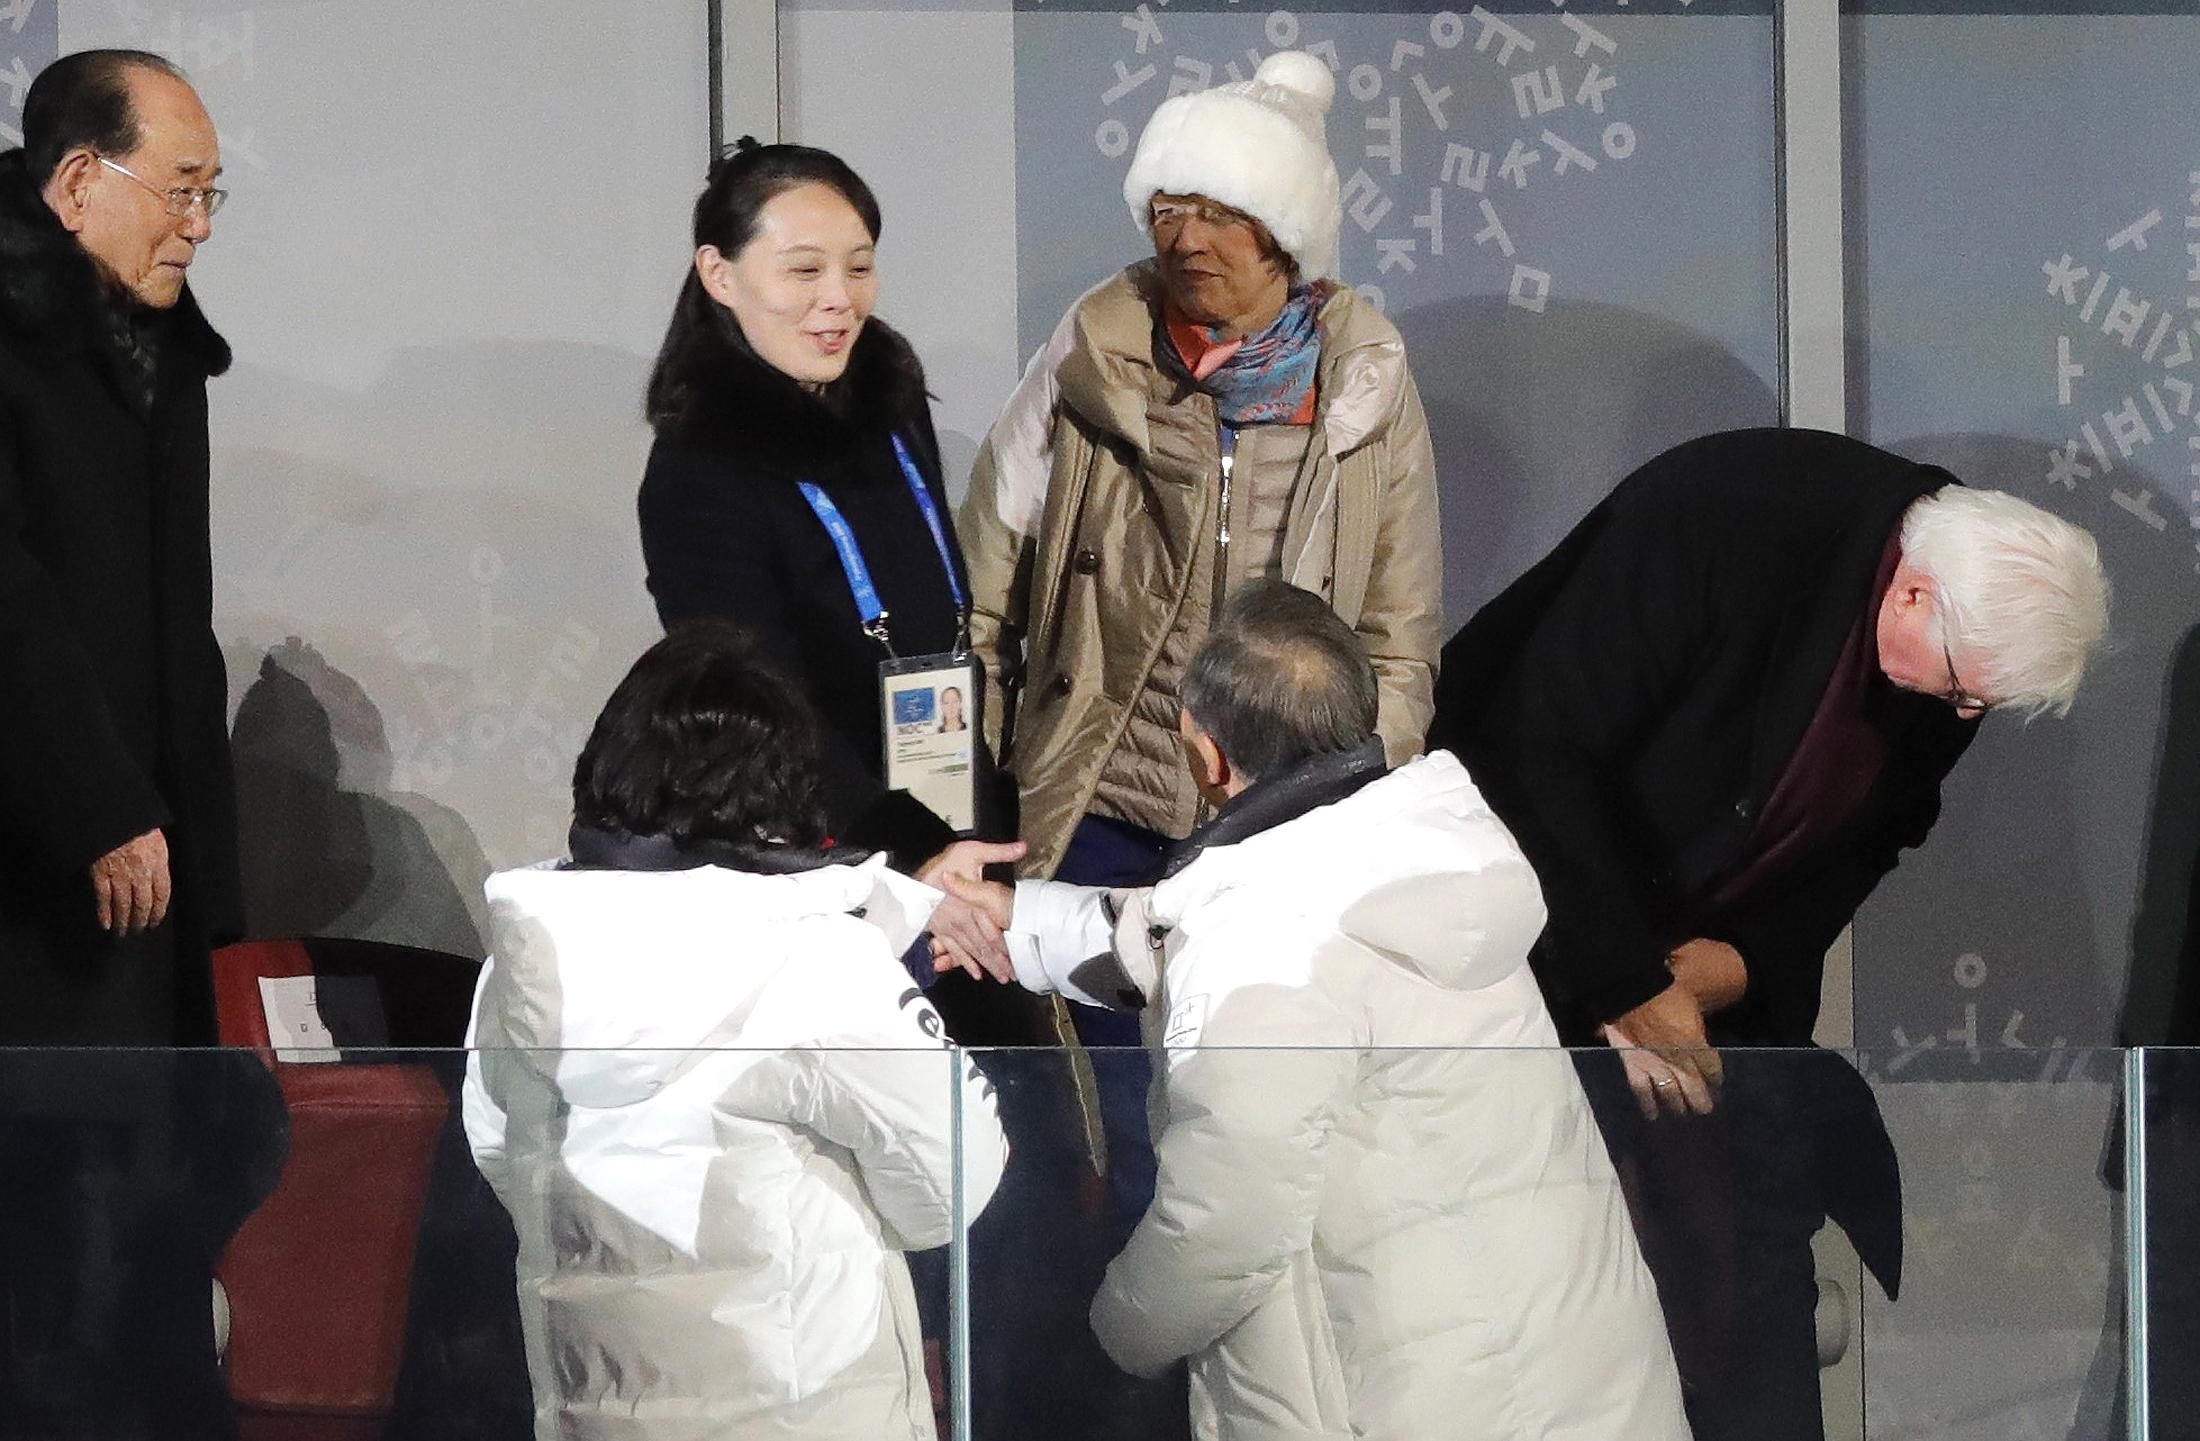 رئيس كوريا الجنوبية يحيى شقيقة زعيم كوريا الشمالية ورئيس كوريا الشمالية الشرفى